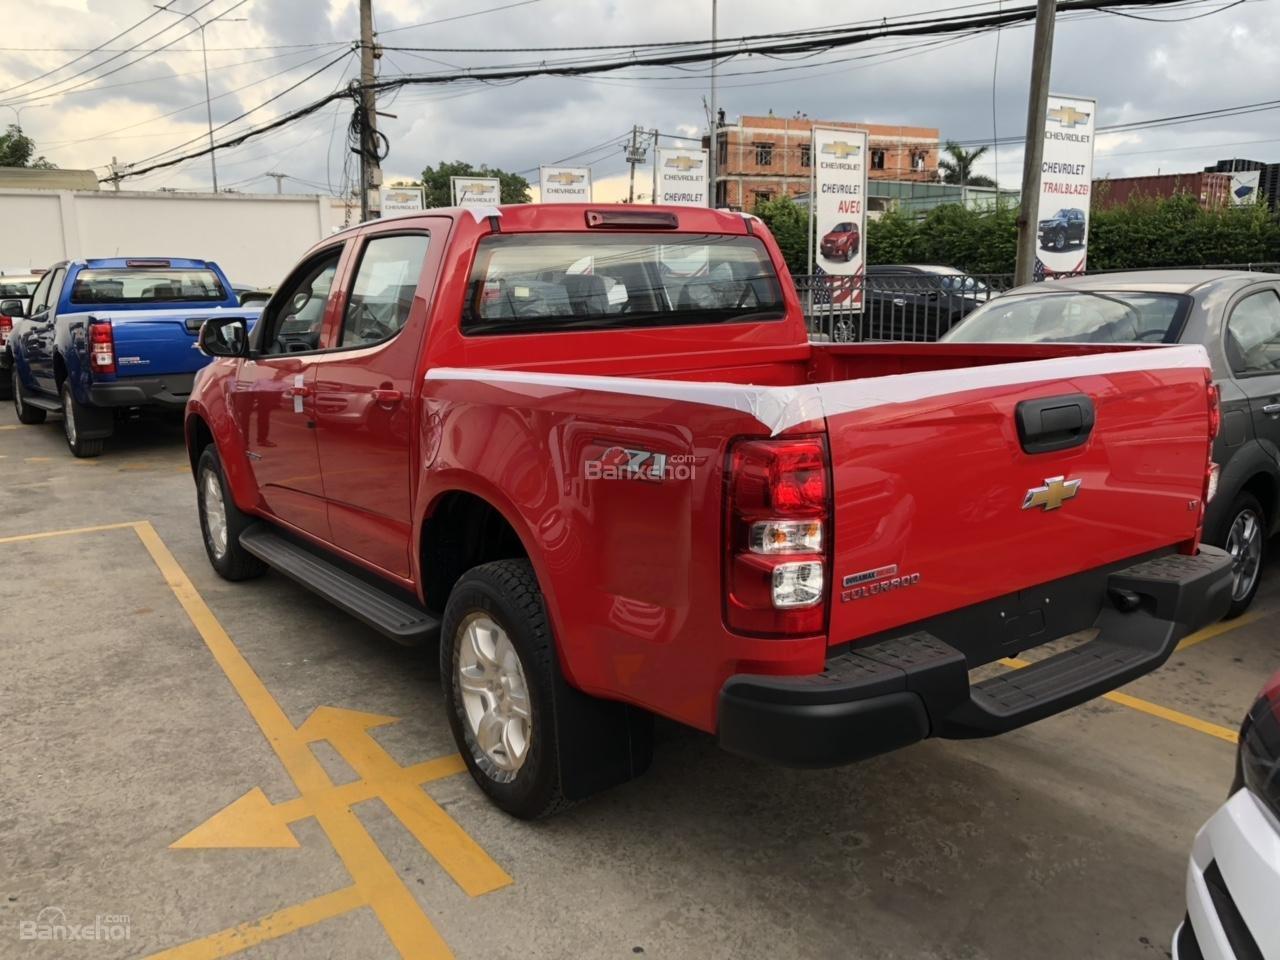 Chevrolet Colorado 2.5 VGT 4x2 AT 1 cầu số tự động. Giảm 30 triệu, Tặng full phụ kiện, vay 90%-2